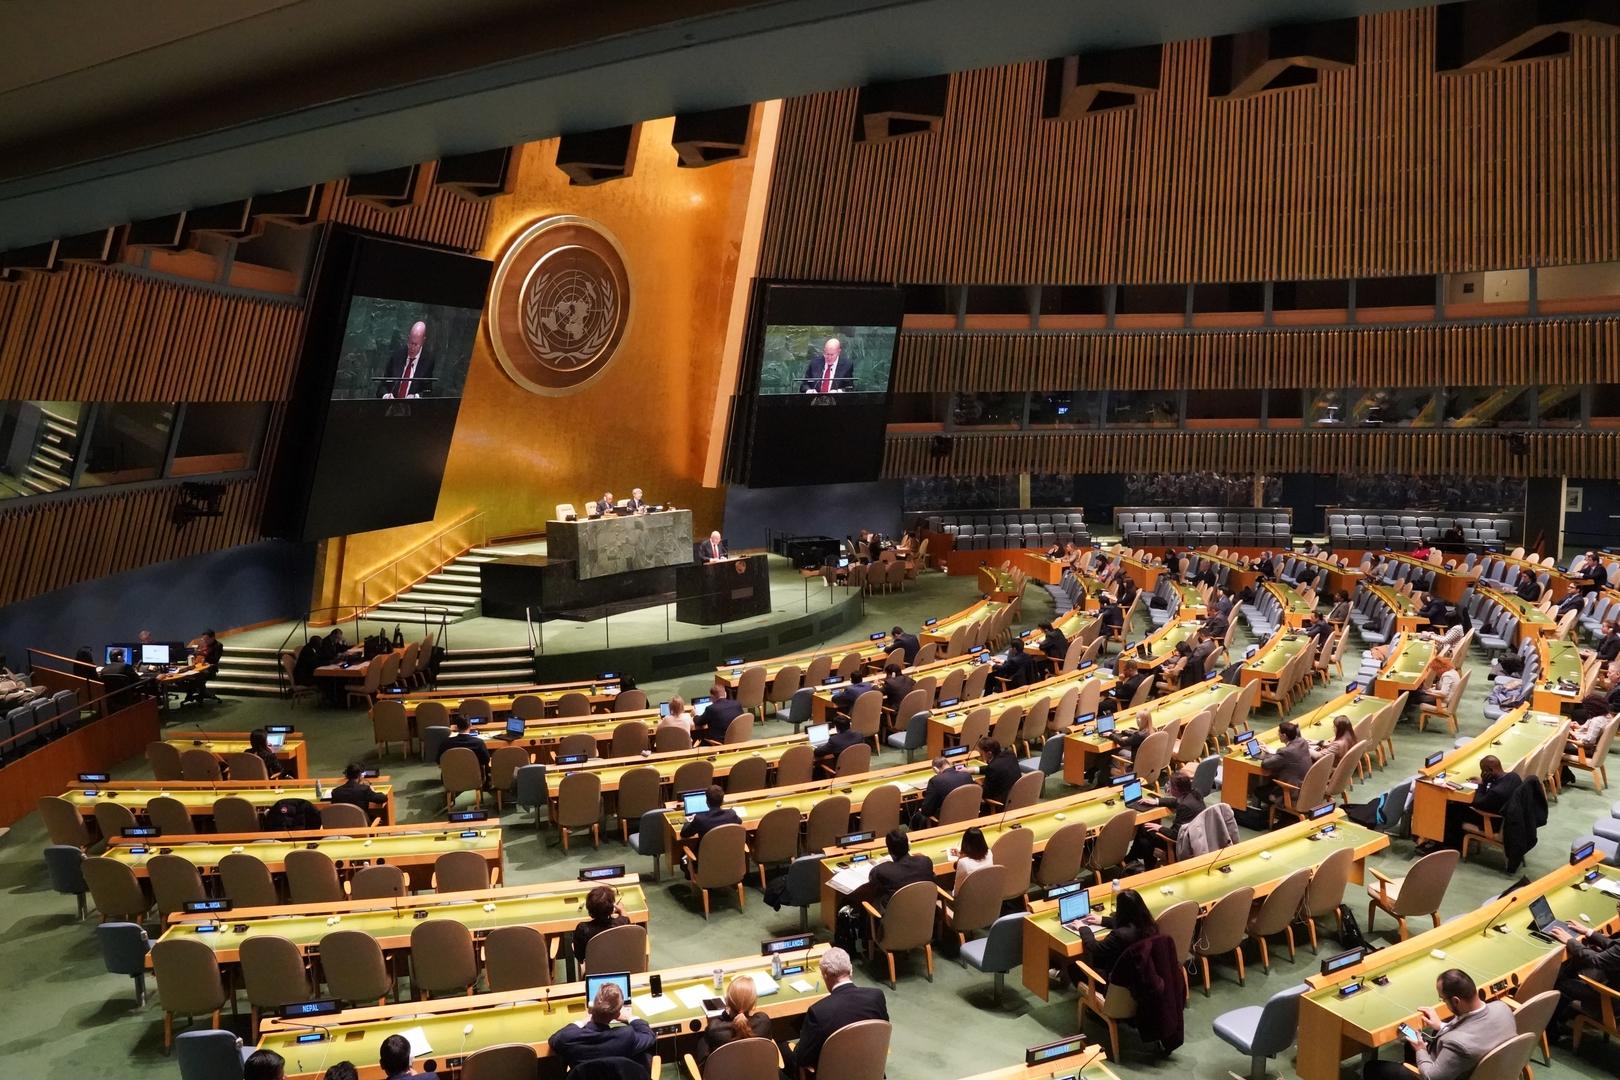 الجمعية العامة للأمم المتحدة تتبنى مشروع قرار روسيا ضد تمجيد النازية